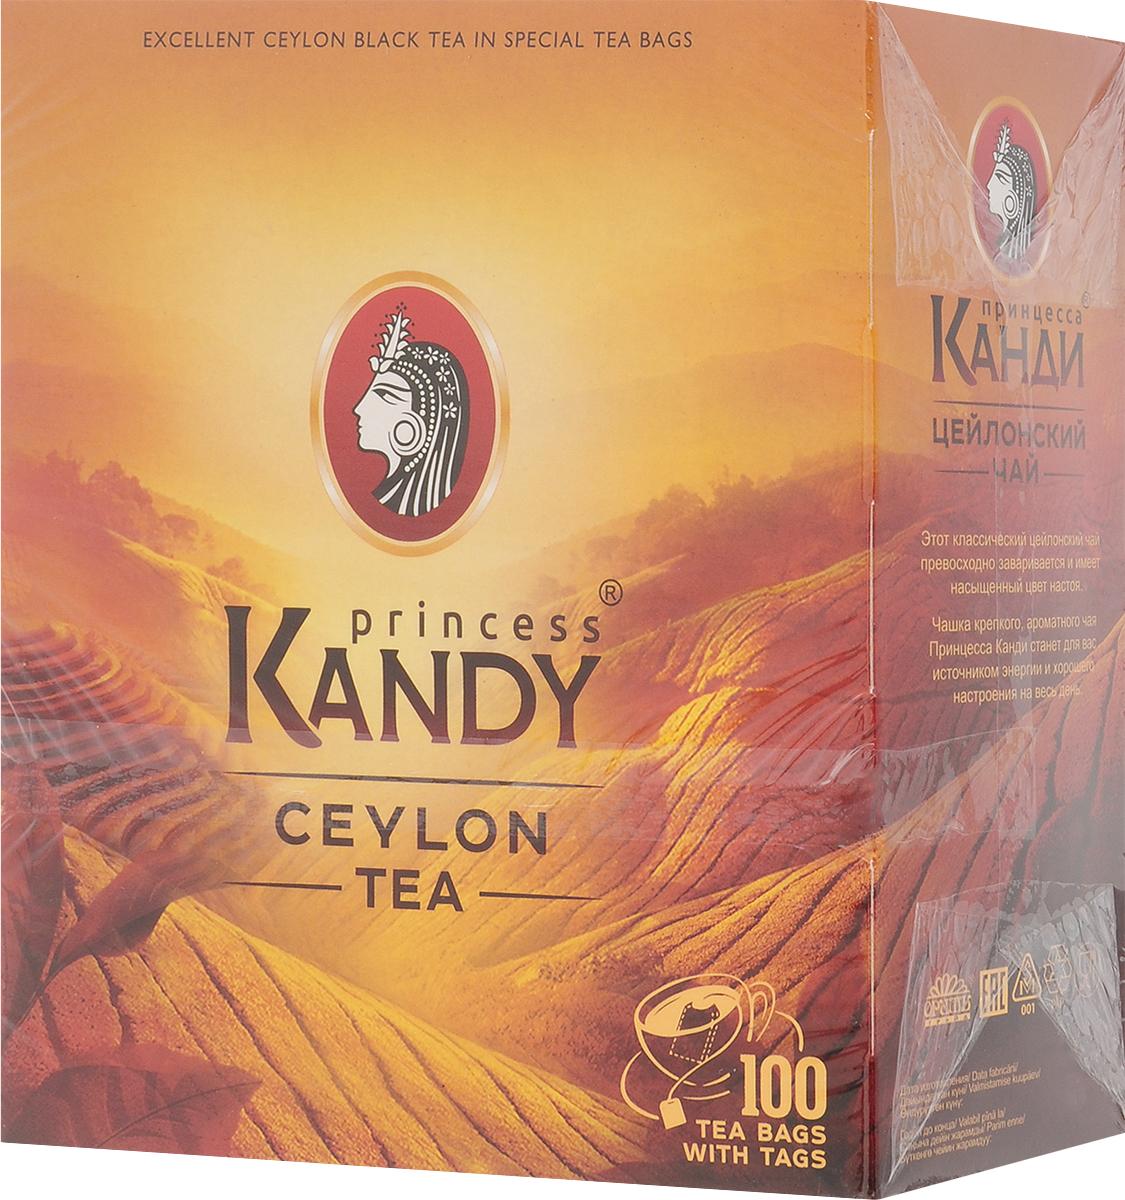 Принцесса Канди Цейлон черный чай в пакетиках, 100 шт0300-16Черный чай в пакетиках Принцесса Канди Цейлон имеет насыщенный, терпкий вкус и яркий аромат. Он быстро заваривается и обладает активным тонизирующим действием. Уважаемые клиенты! Обращаем ваше внимание на то, что упаковка может иметь несколько видов дизайна. Поставка осуществляется в зависимости от наличия на складе.